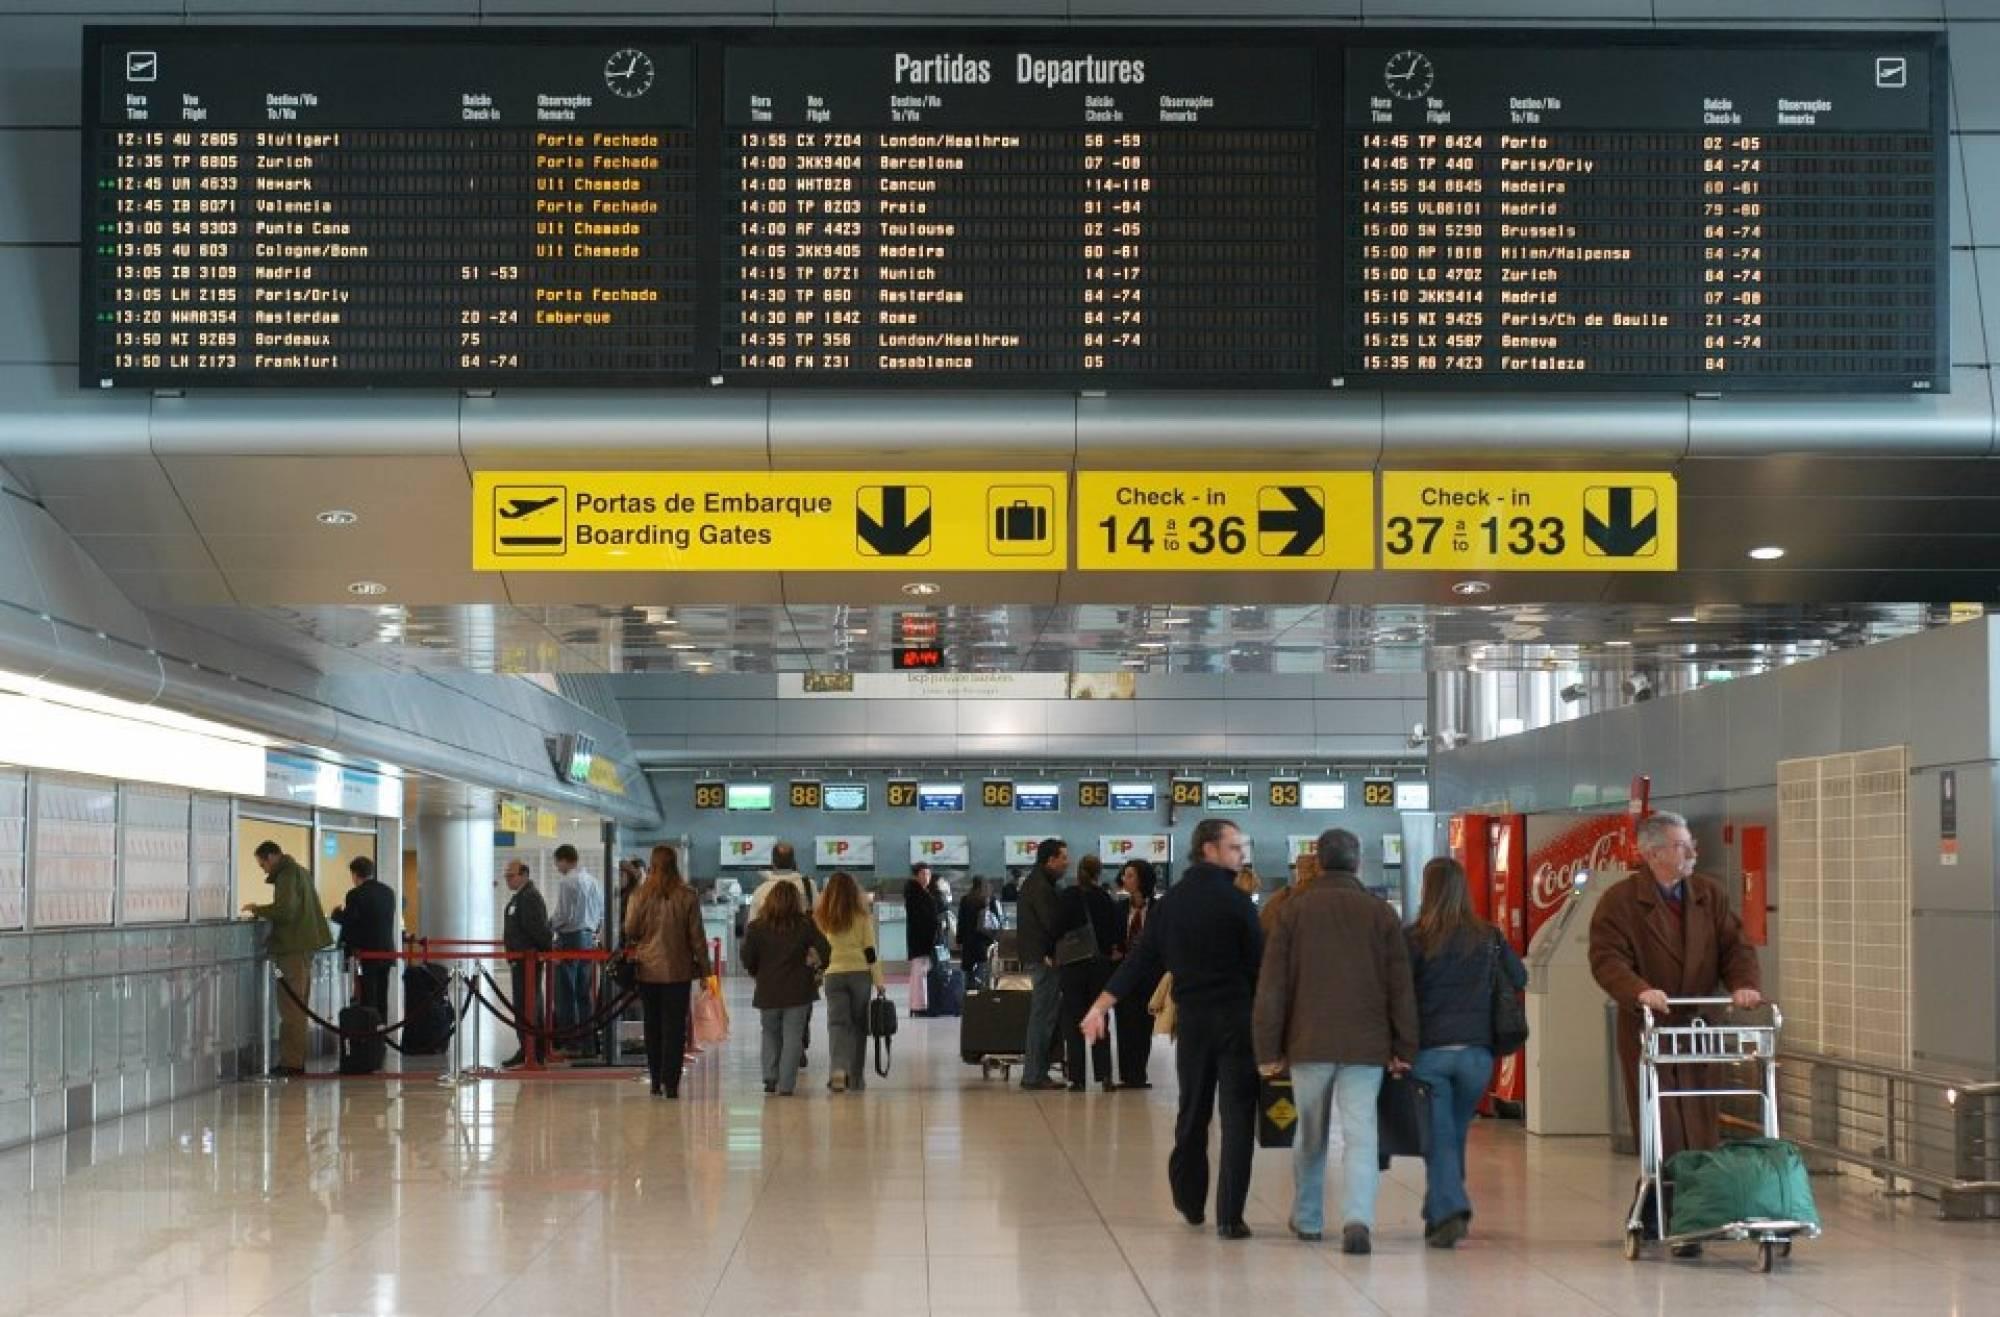 Aeroporto Sp : Traslado aeroporto vcp traslado privativo ao aeroporto de